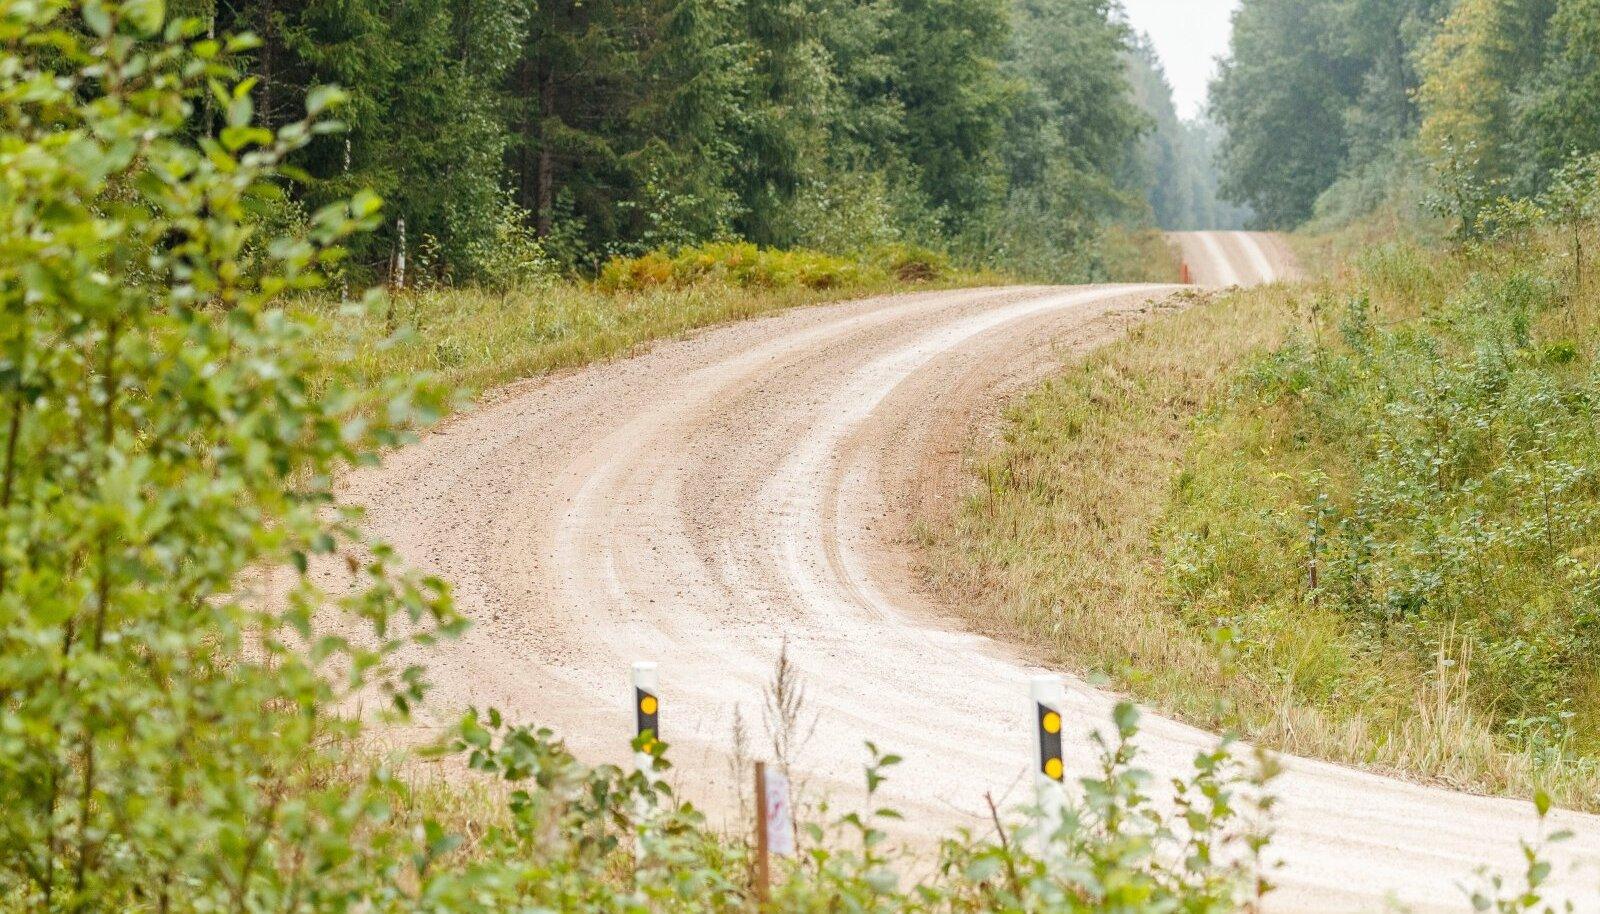 Kuiva ilmaga lükkavad ees sõitvad autode tee lahtisest kruusast puhtaks. Märjal teel on aga ees parem pidamine.